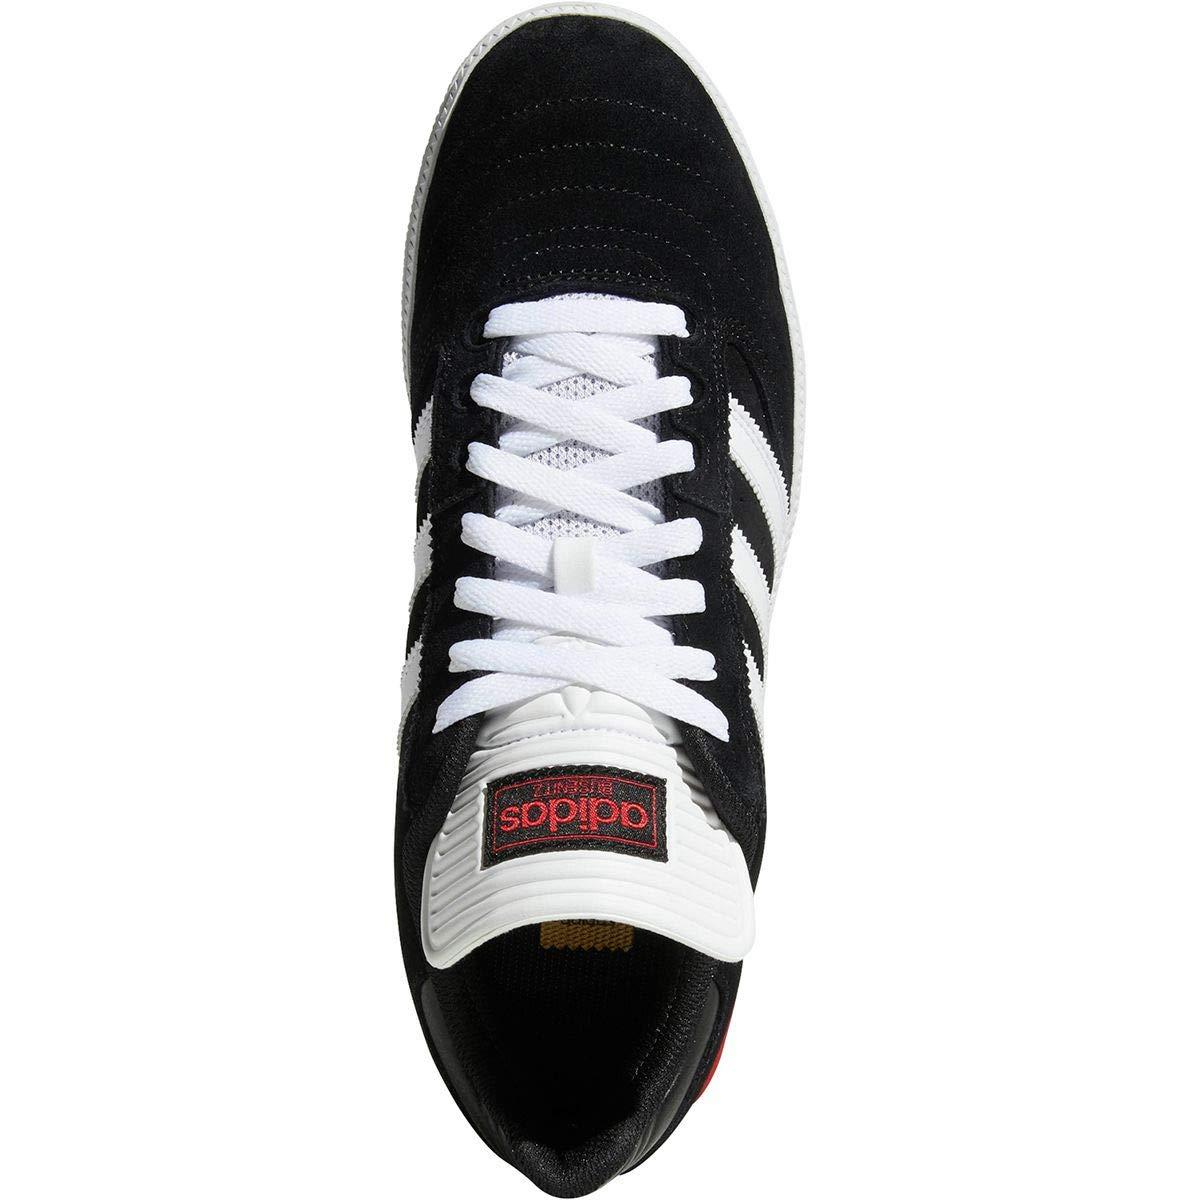 26f199b5a578 Amazon.com   adidas Busenitz Pro Shoes Men's   Shoes